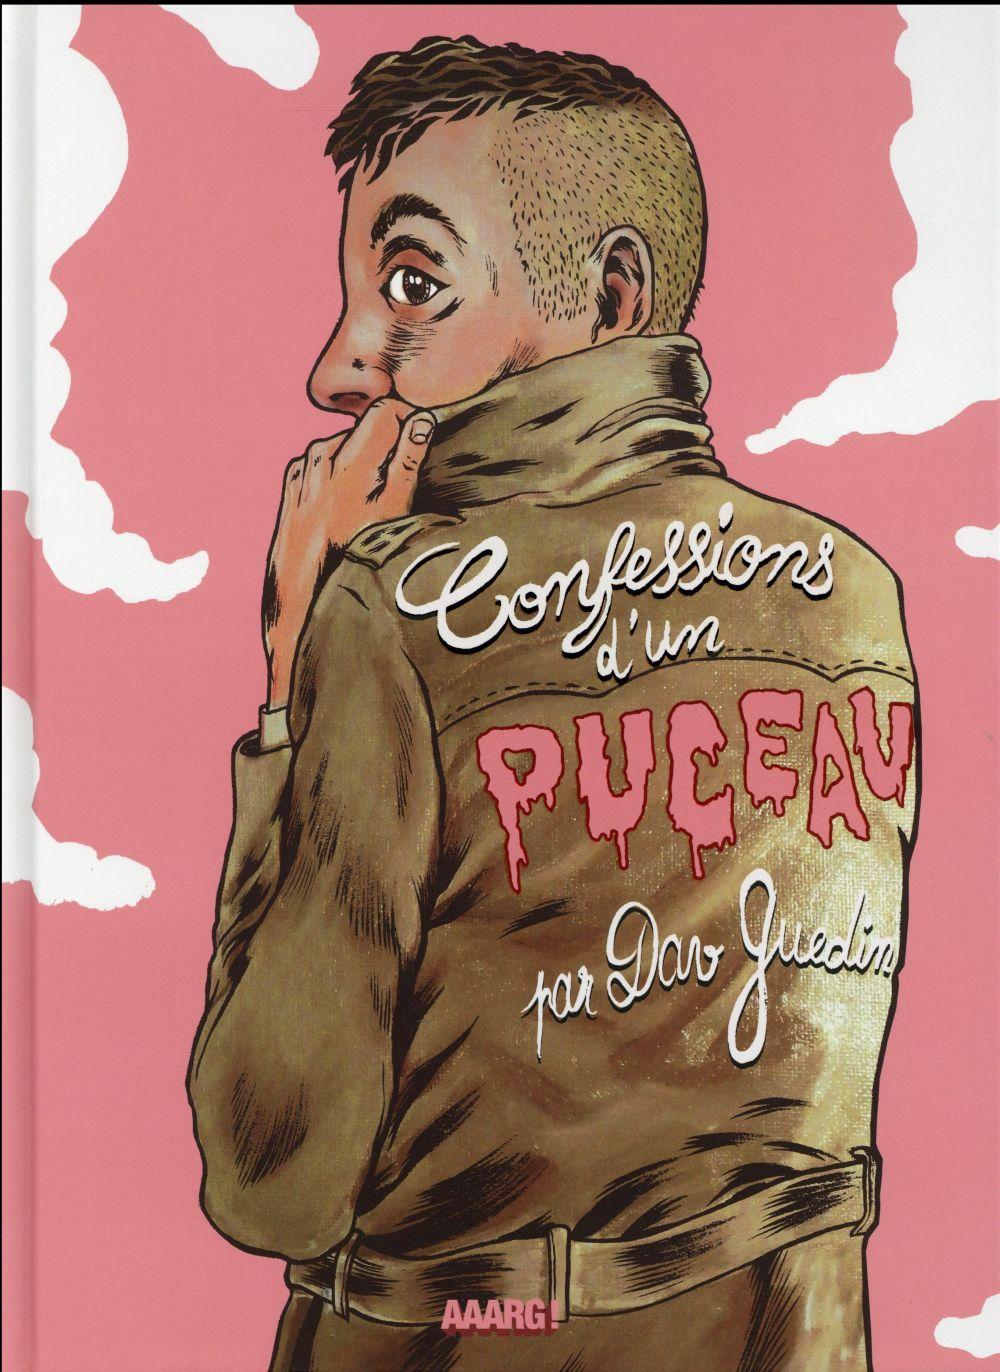 Confessions d'un puceau - Dav Guedin - Aaarg! - Grand format - Le Hall du  Livre NANCY